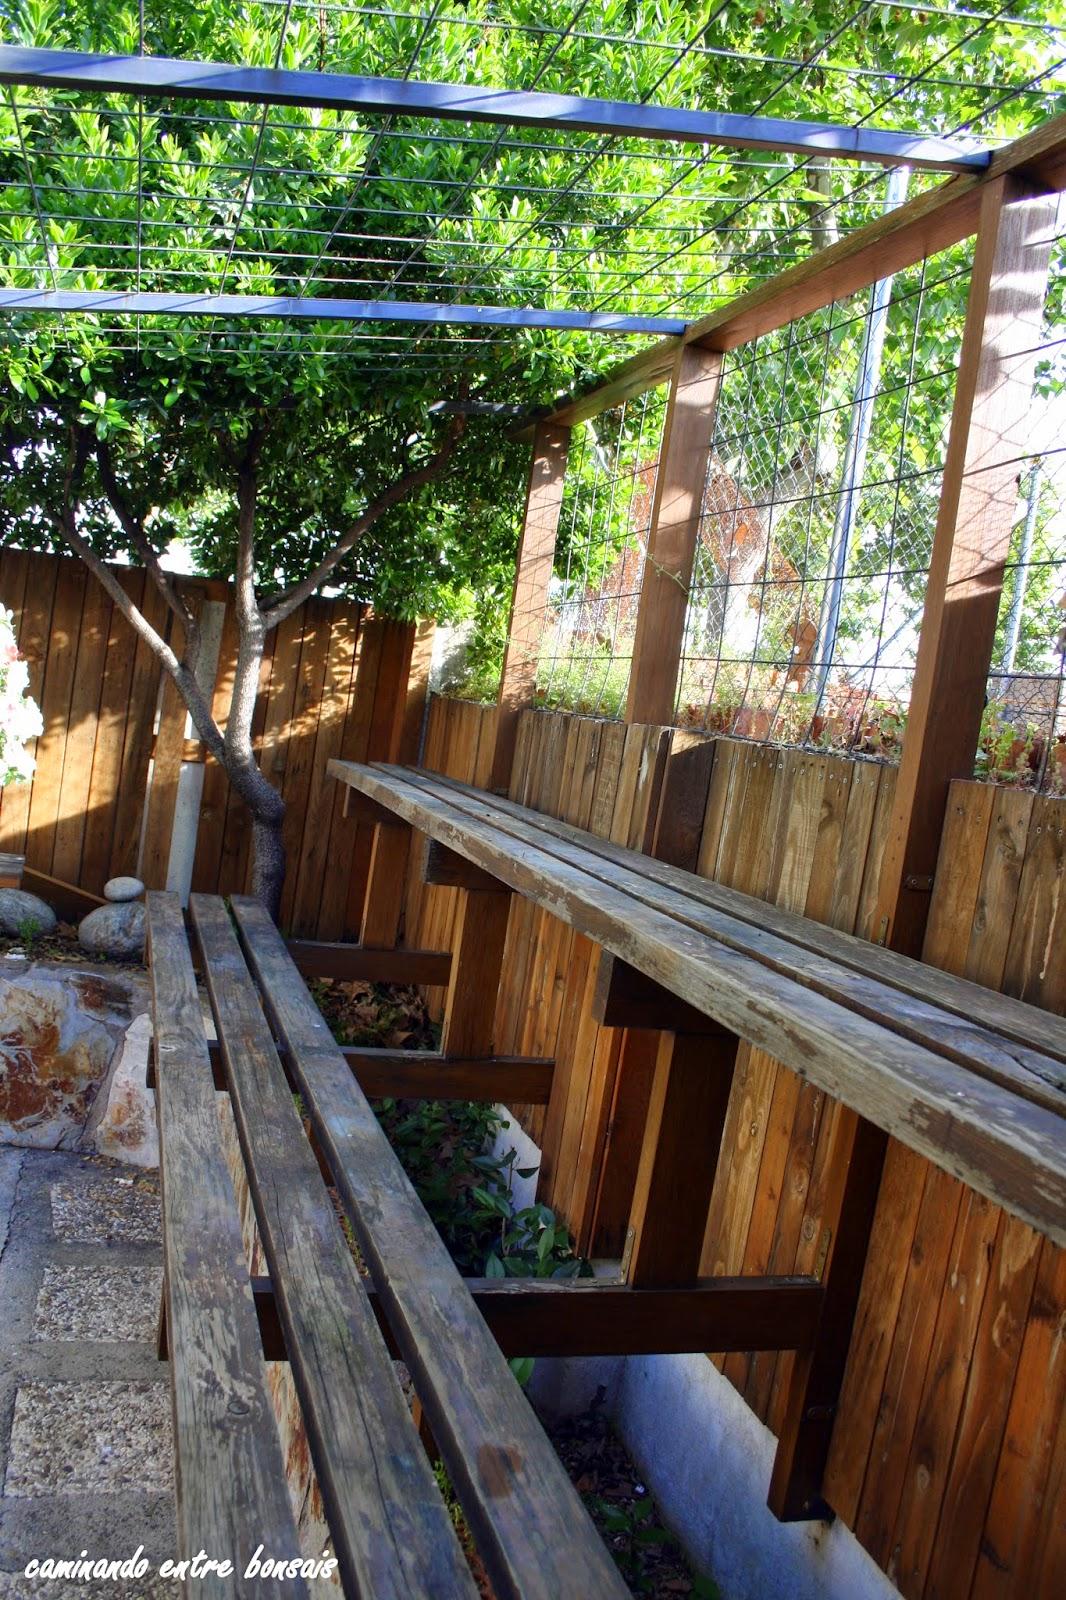 Caminando entre bonsais bancos de cultivo mantenimiento for Estanterias para bonsais